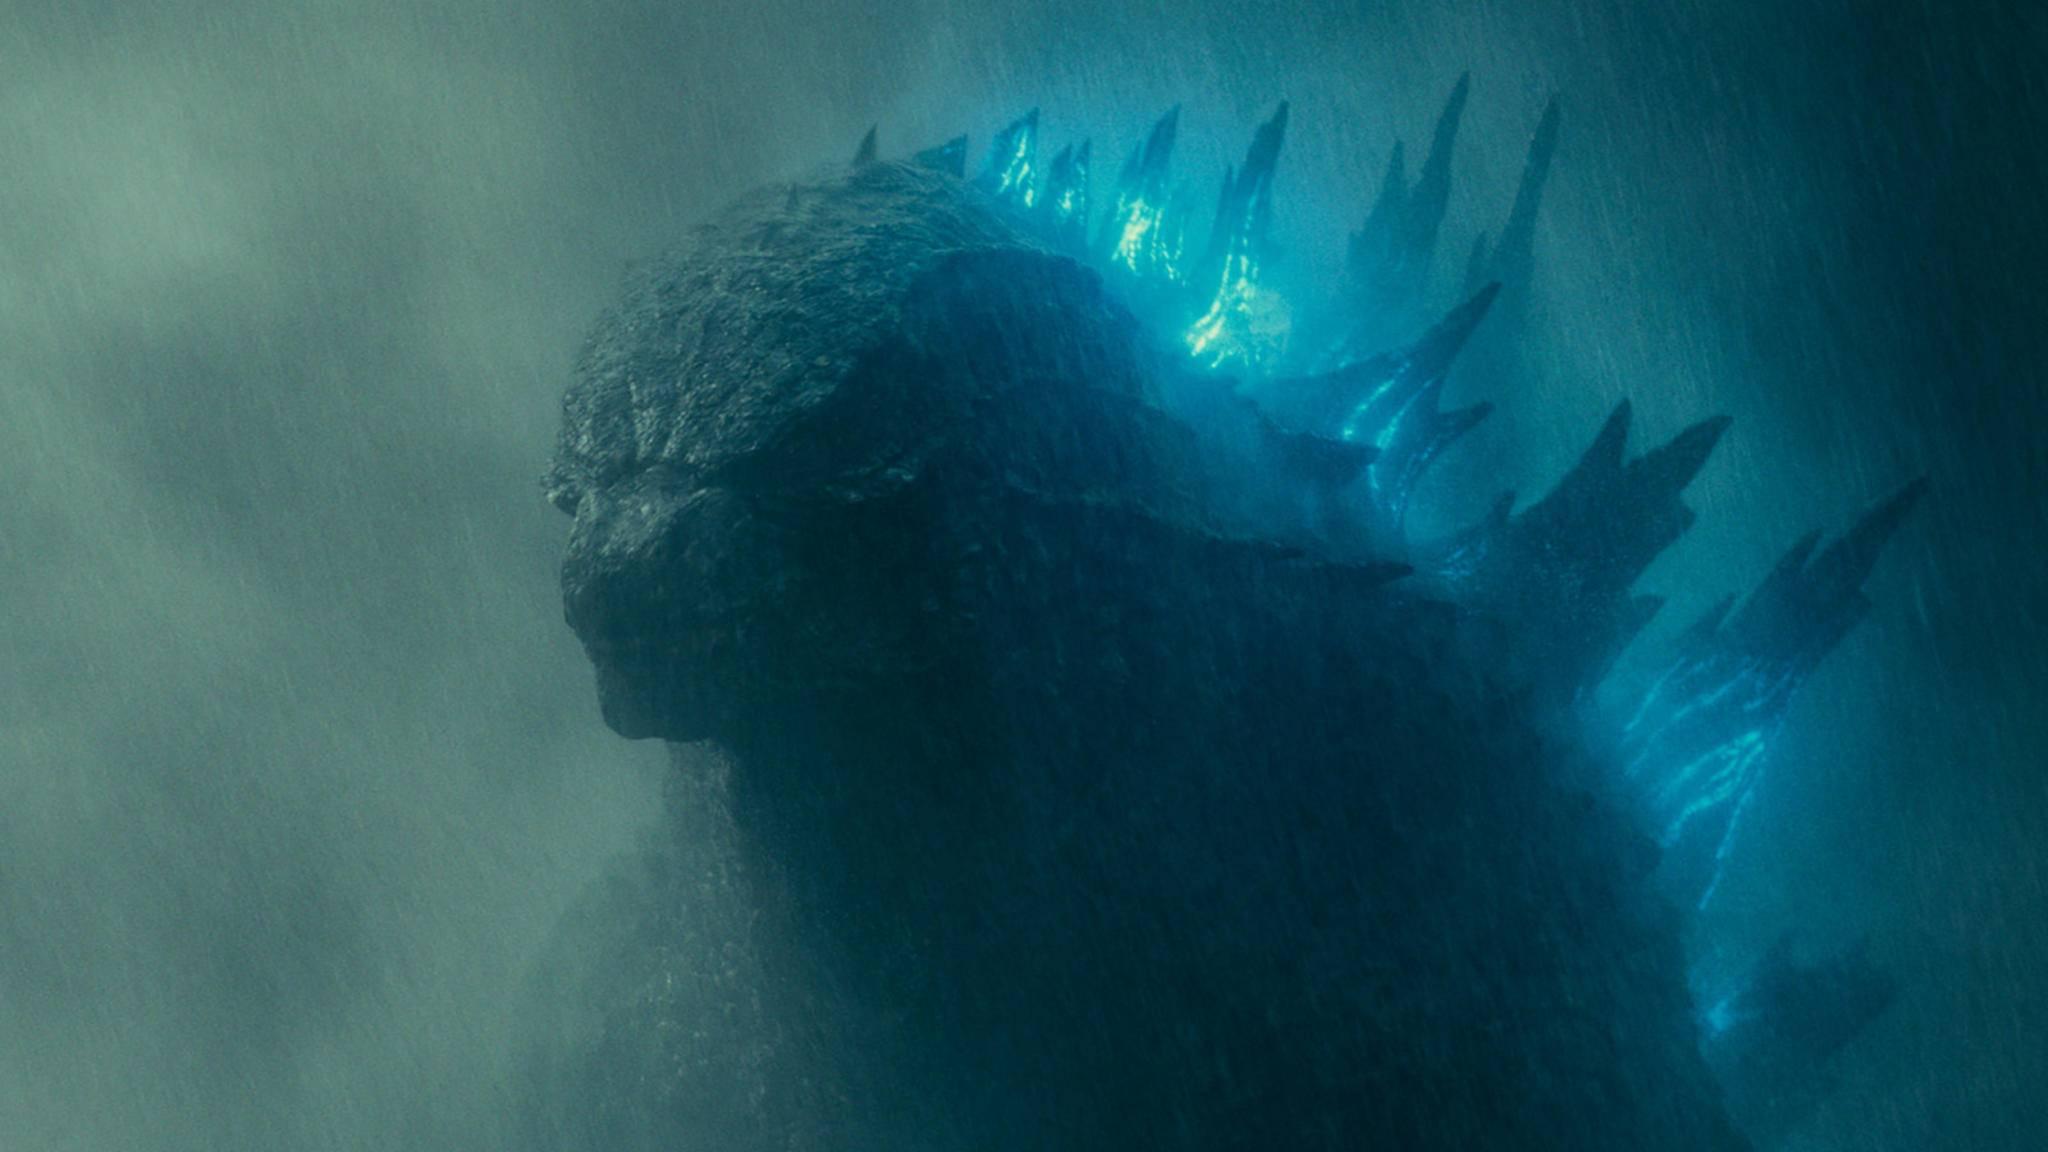 Legendär: Godzilla fasziniert Generationen von Filmfans.